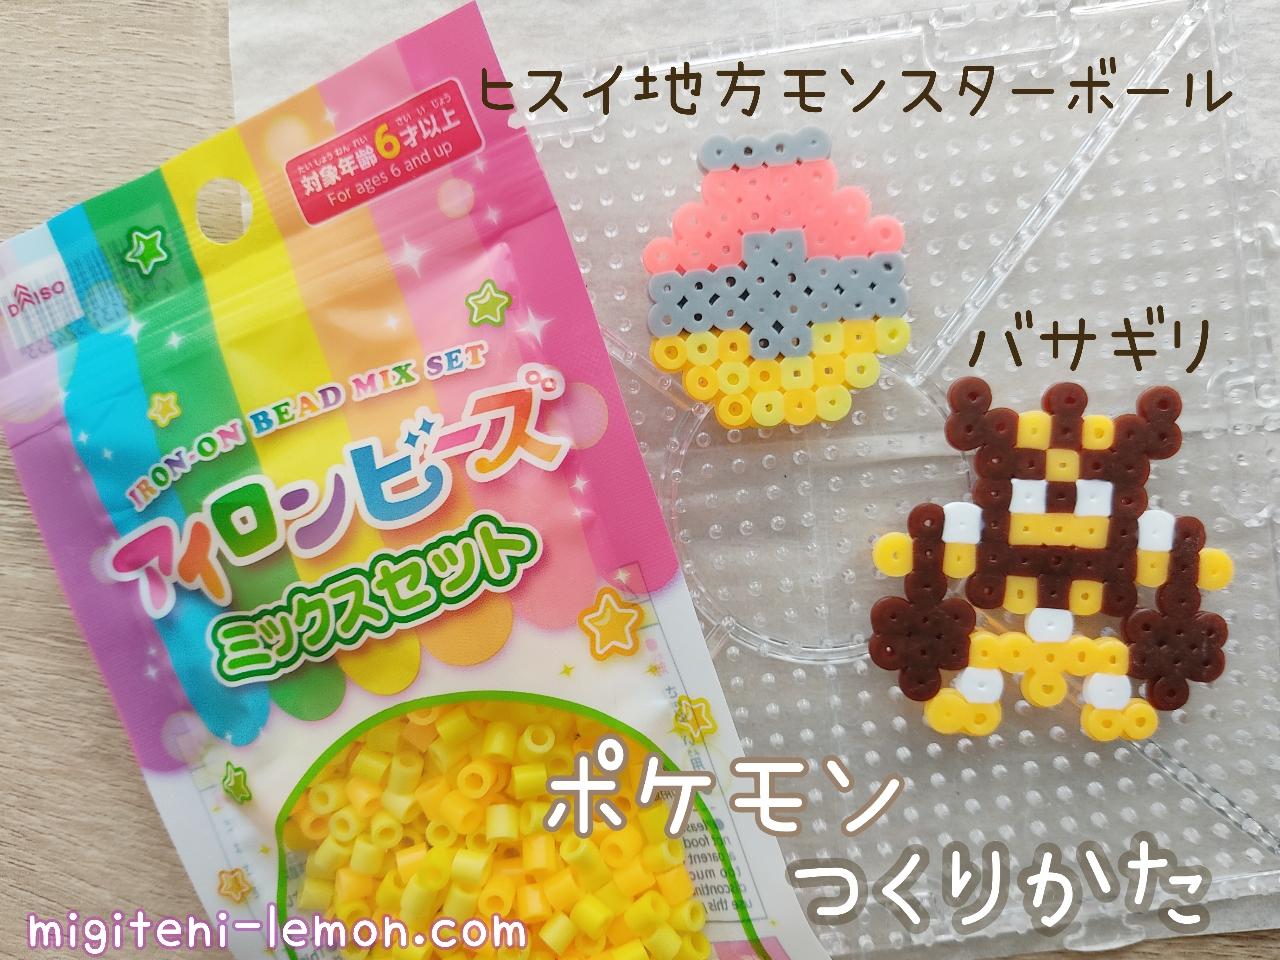 arceusu-new-pokemon2022-basagiri-hisui-monsterball-ironbeads